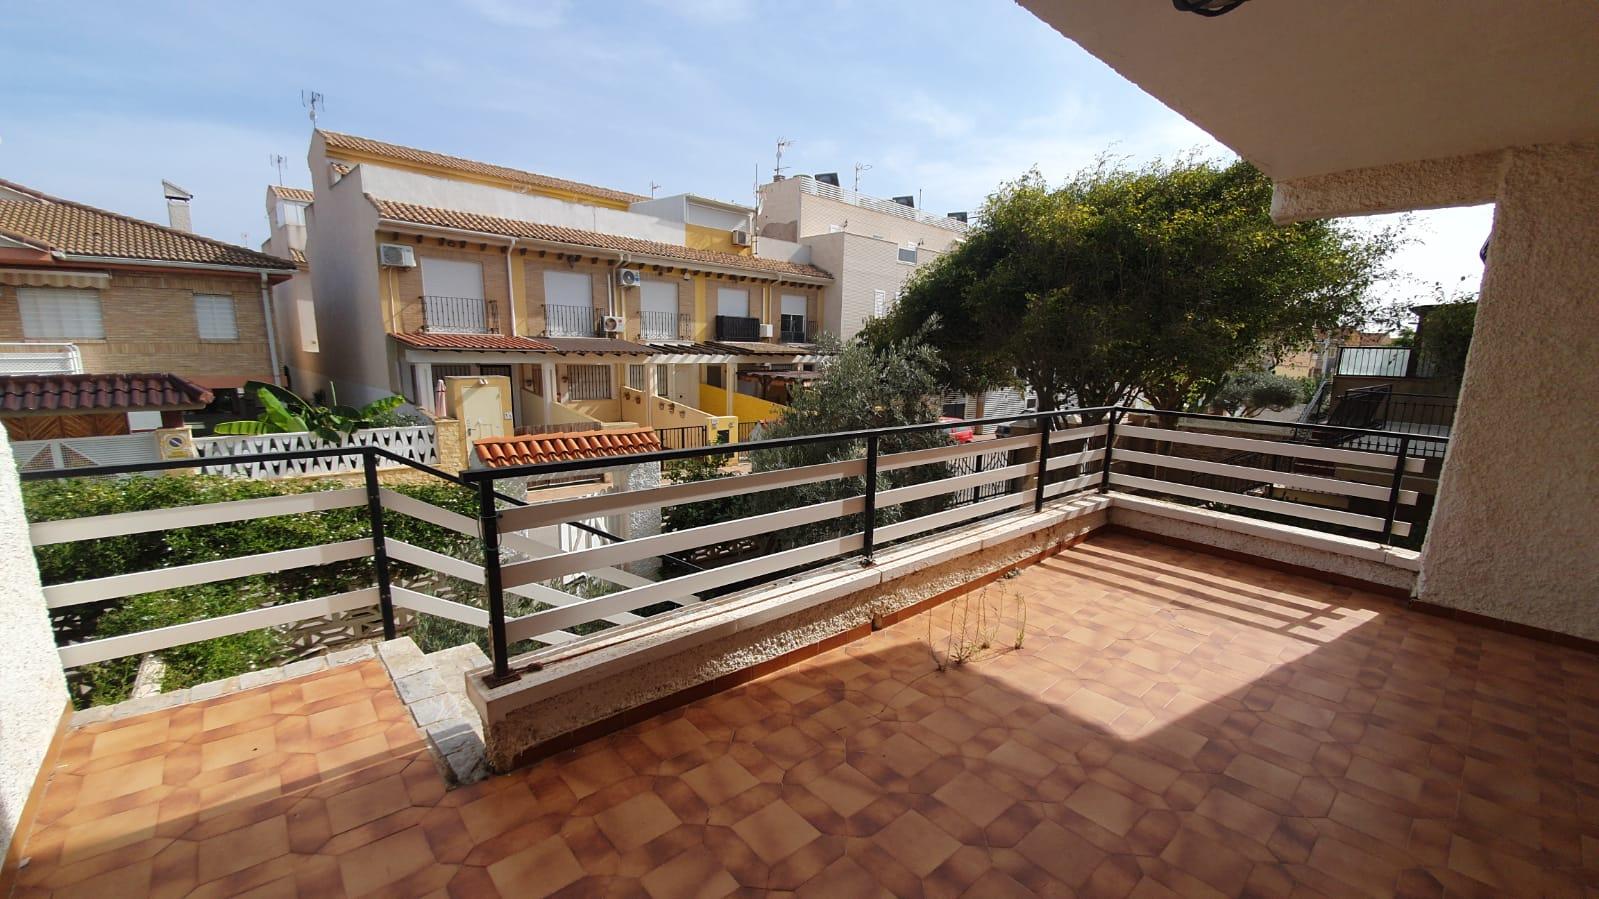 kf943692: Villa for sale in El Mojon